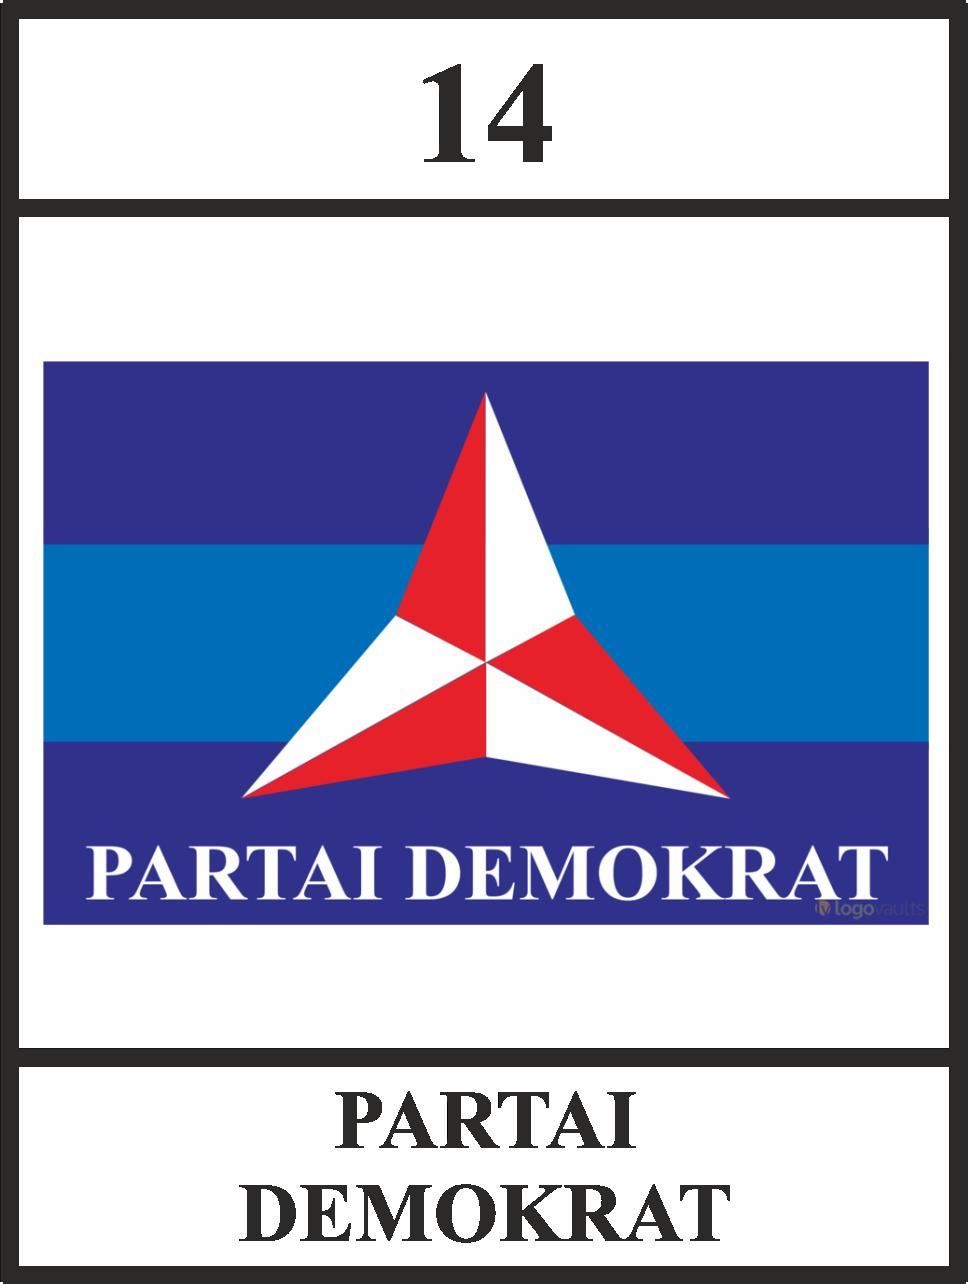 Logo Demokrat Png : demokrat, Demokrasi, Indonesia